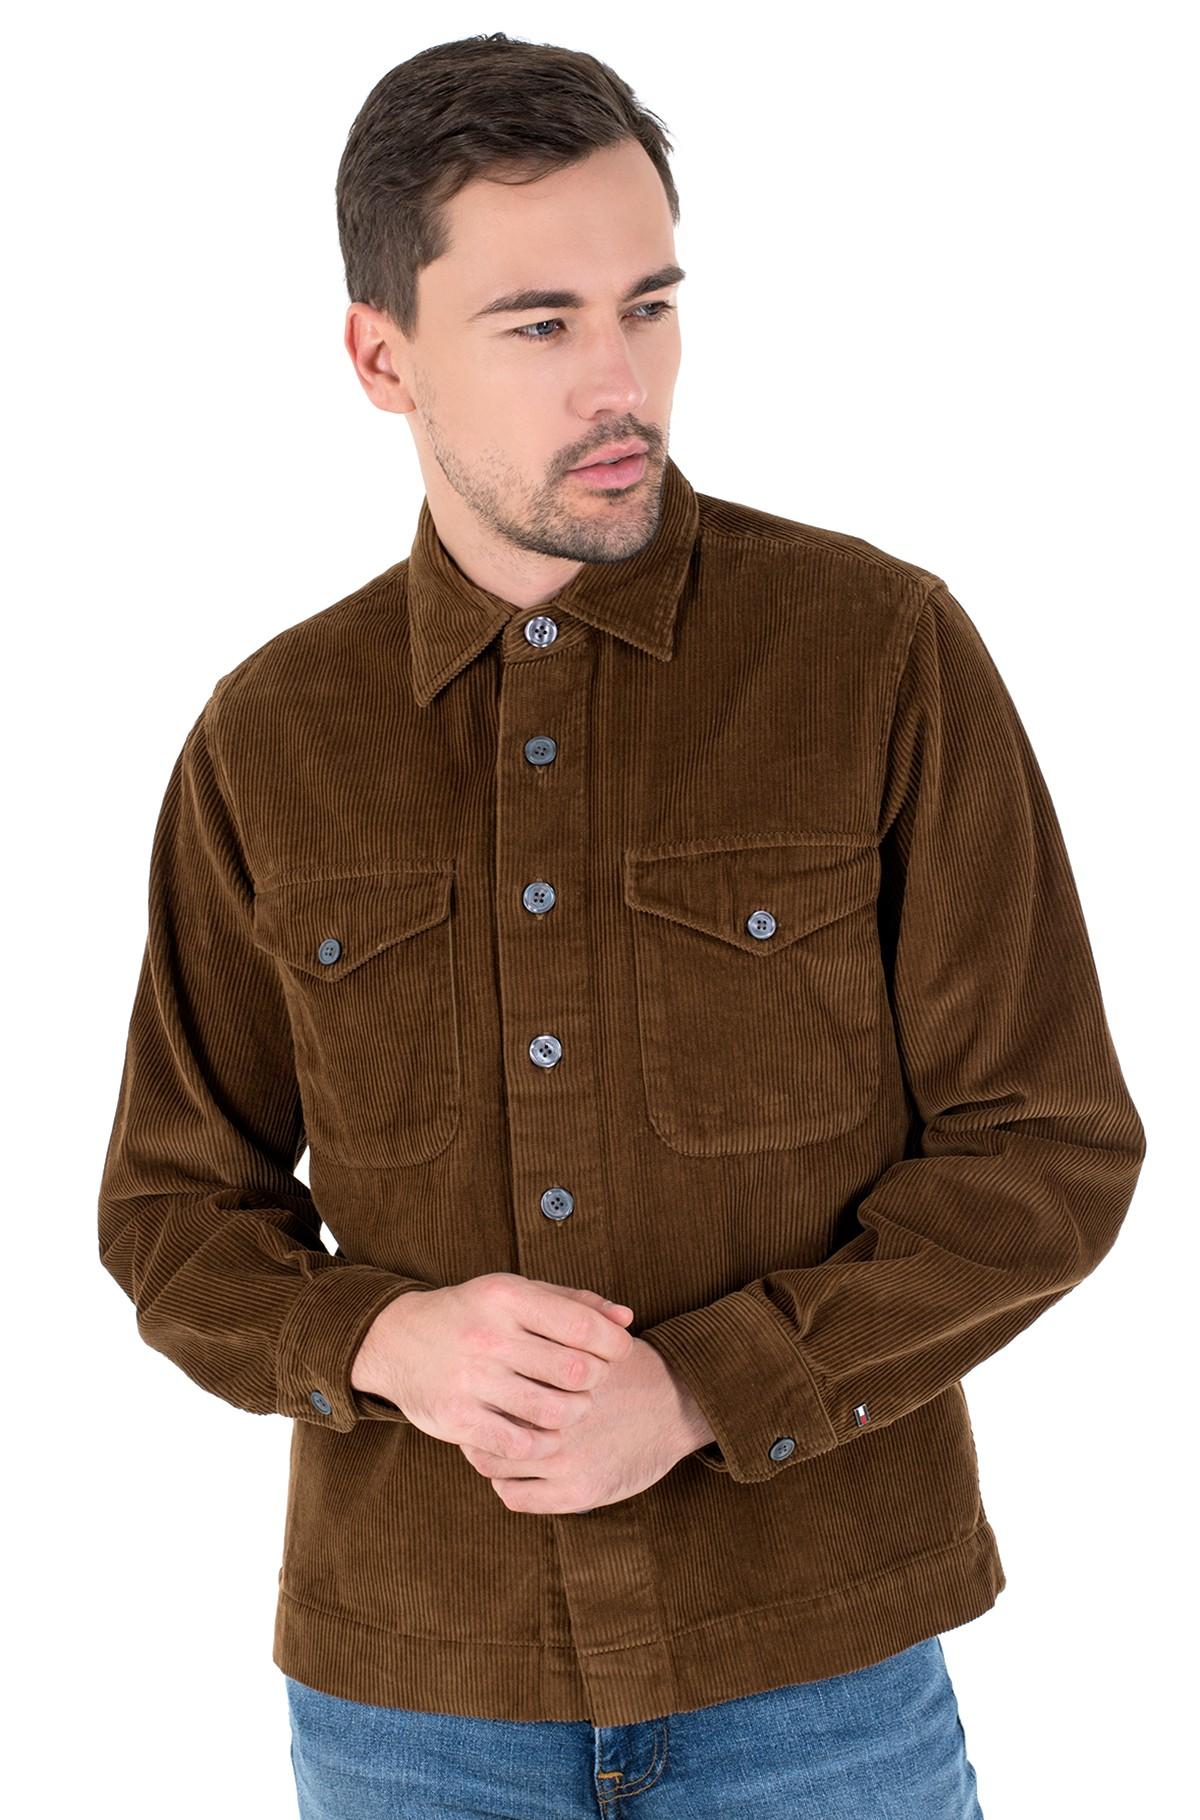 Velvetiniai marškiniai CORDUROY OVERSHIRT-full-3